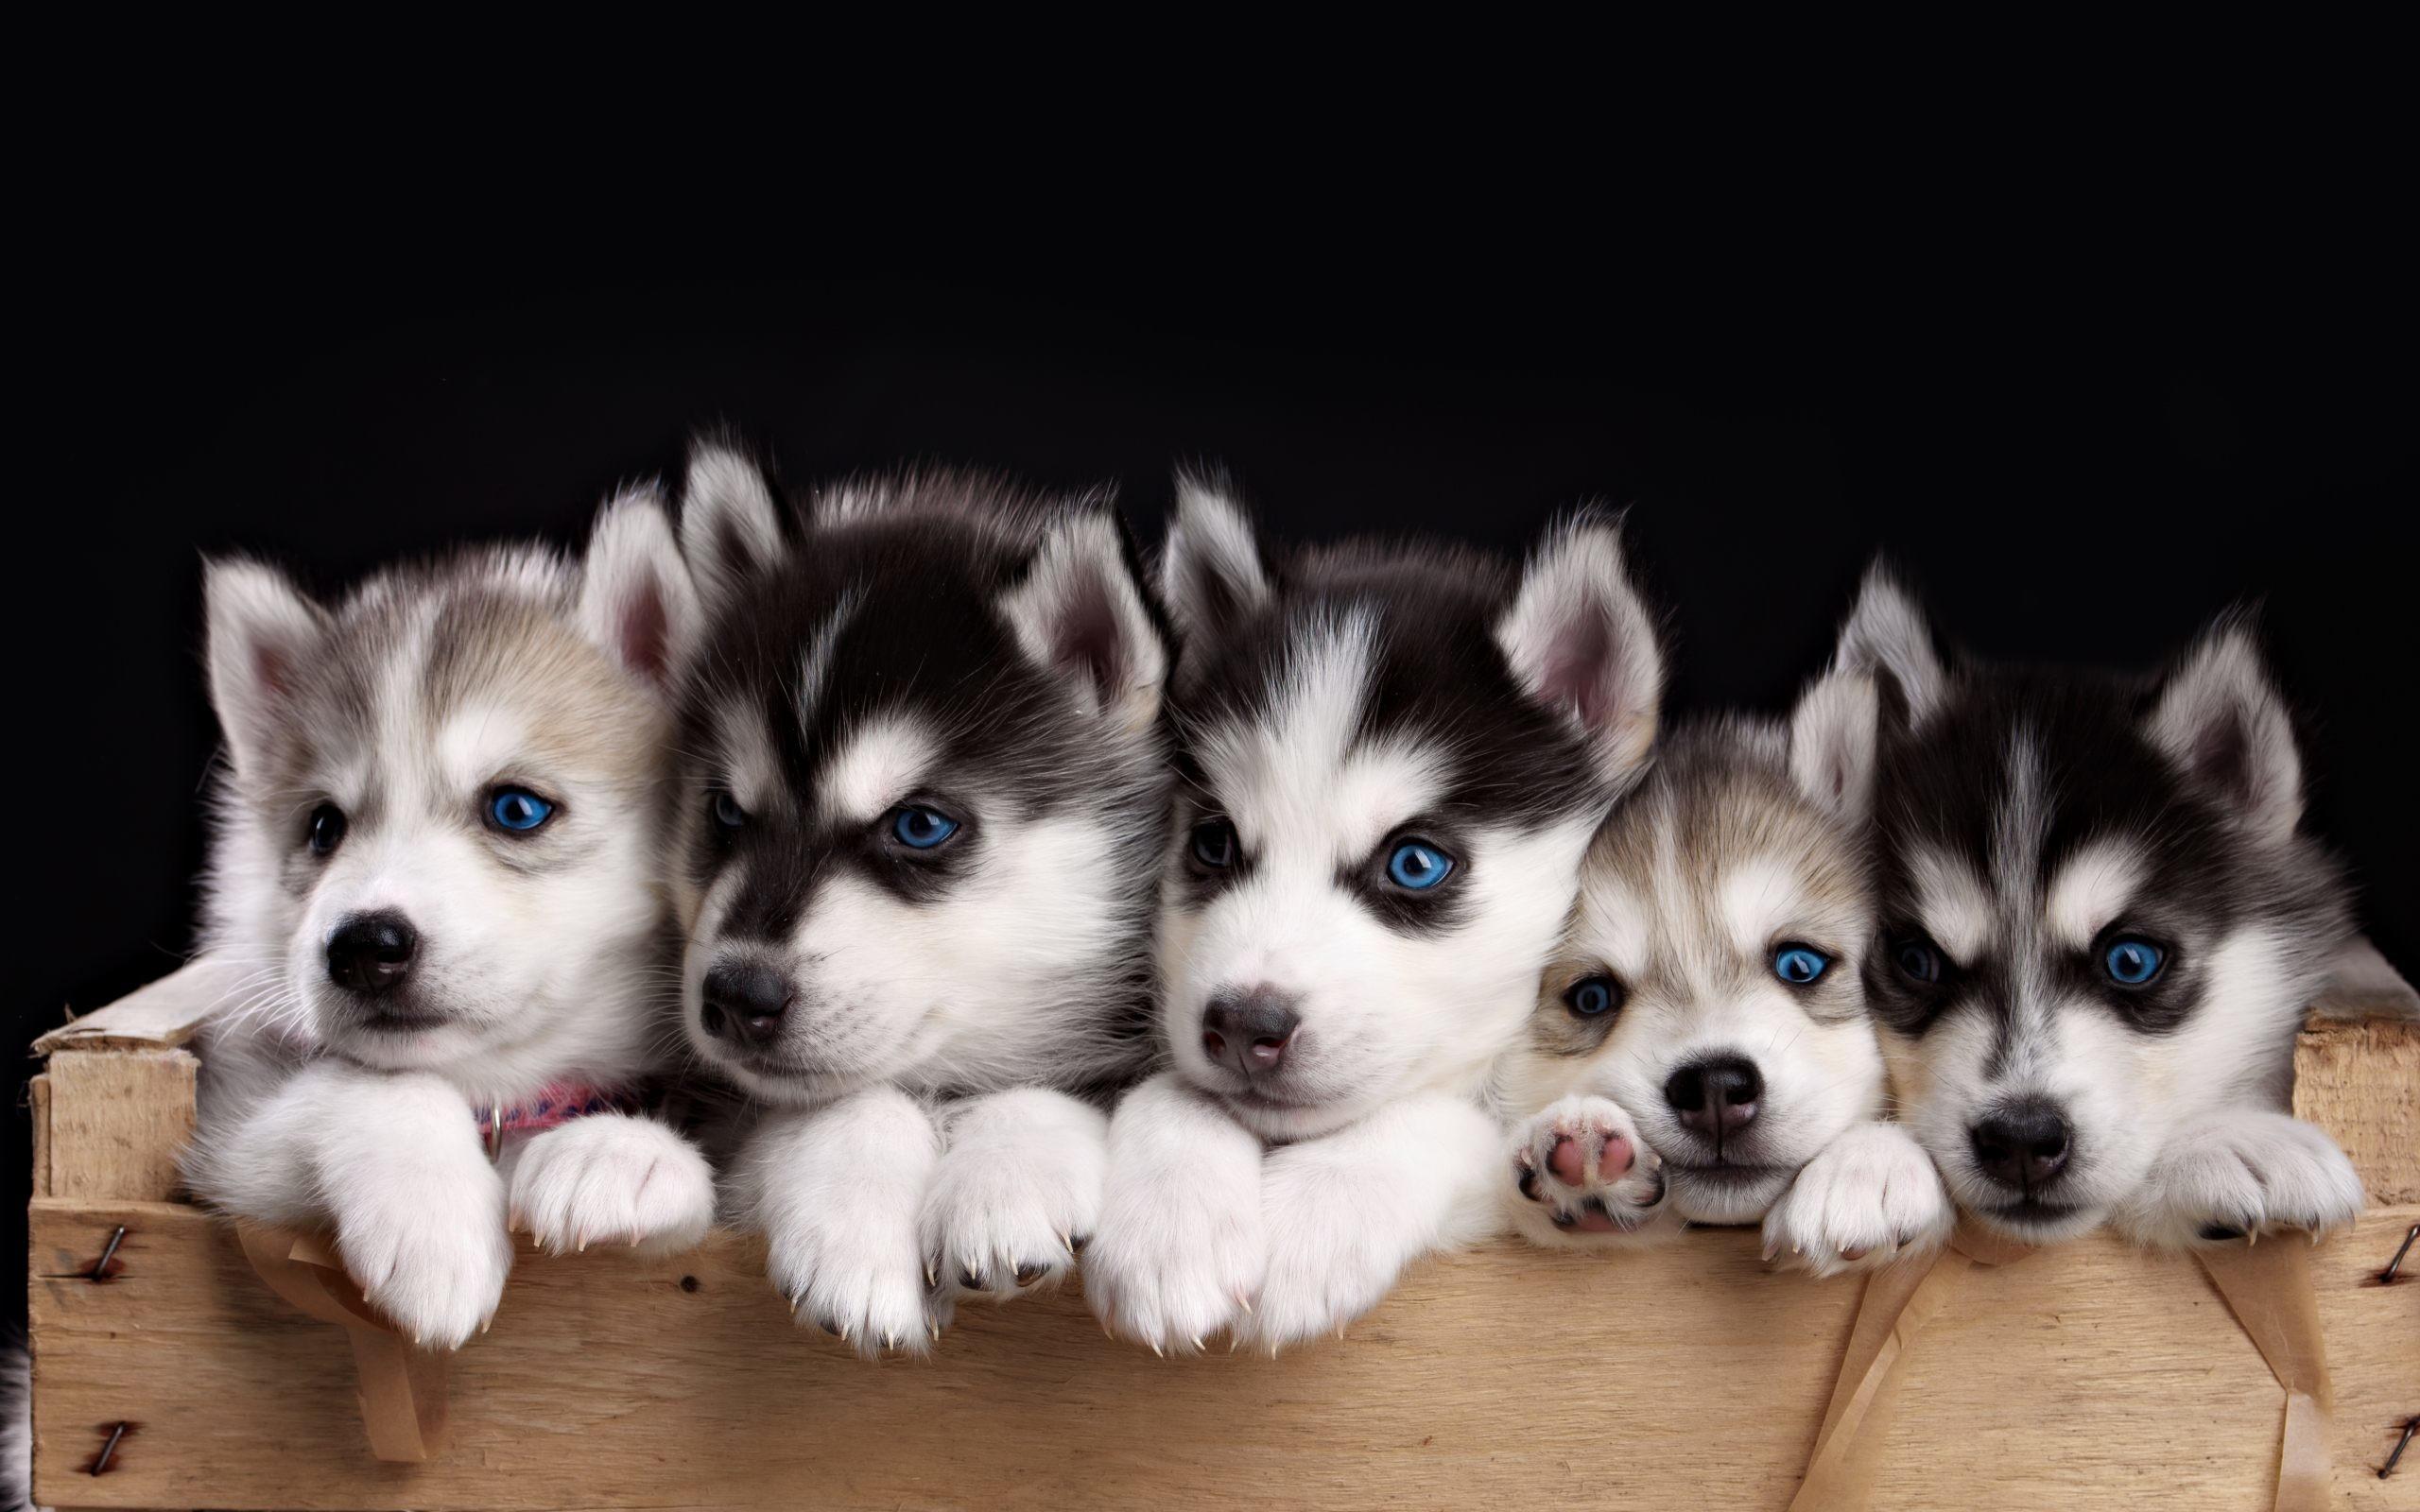 Husky Puppies Wallpaper HD For Desktop Of Miniature Husky